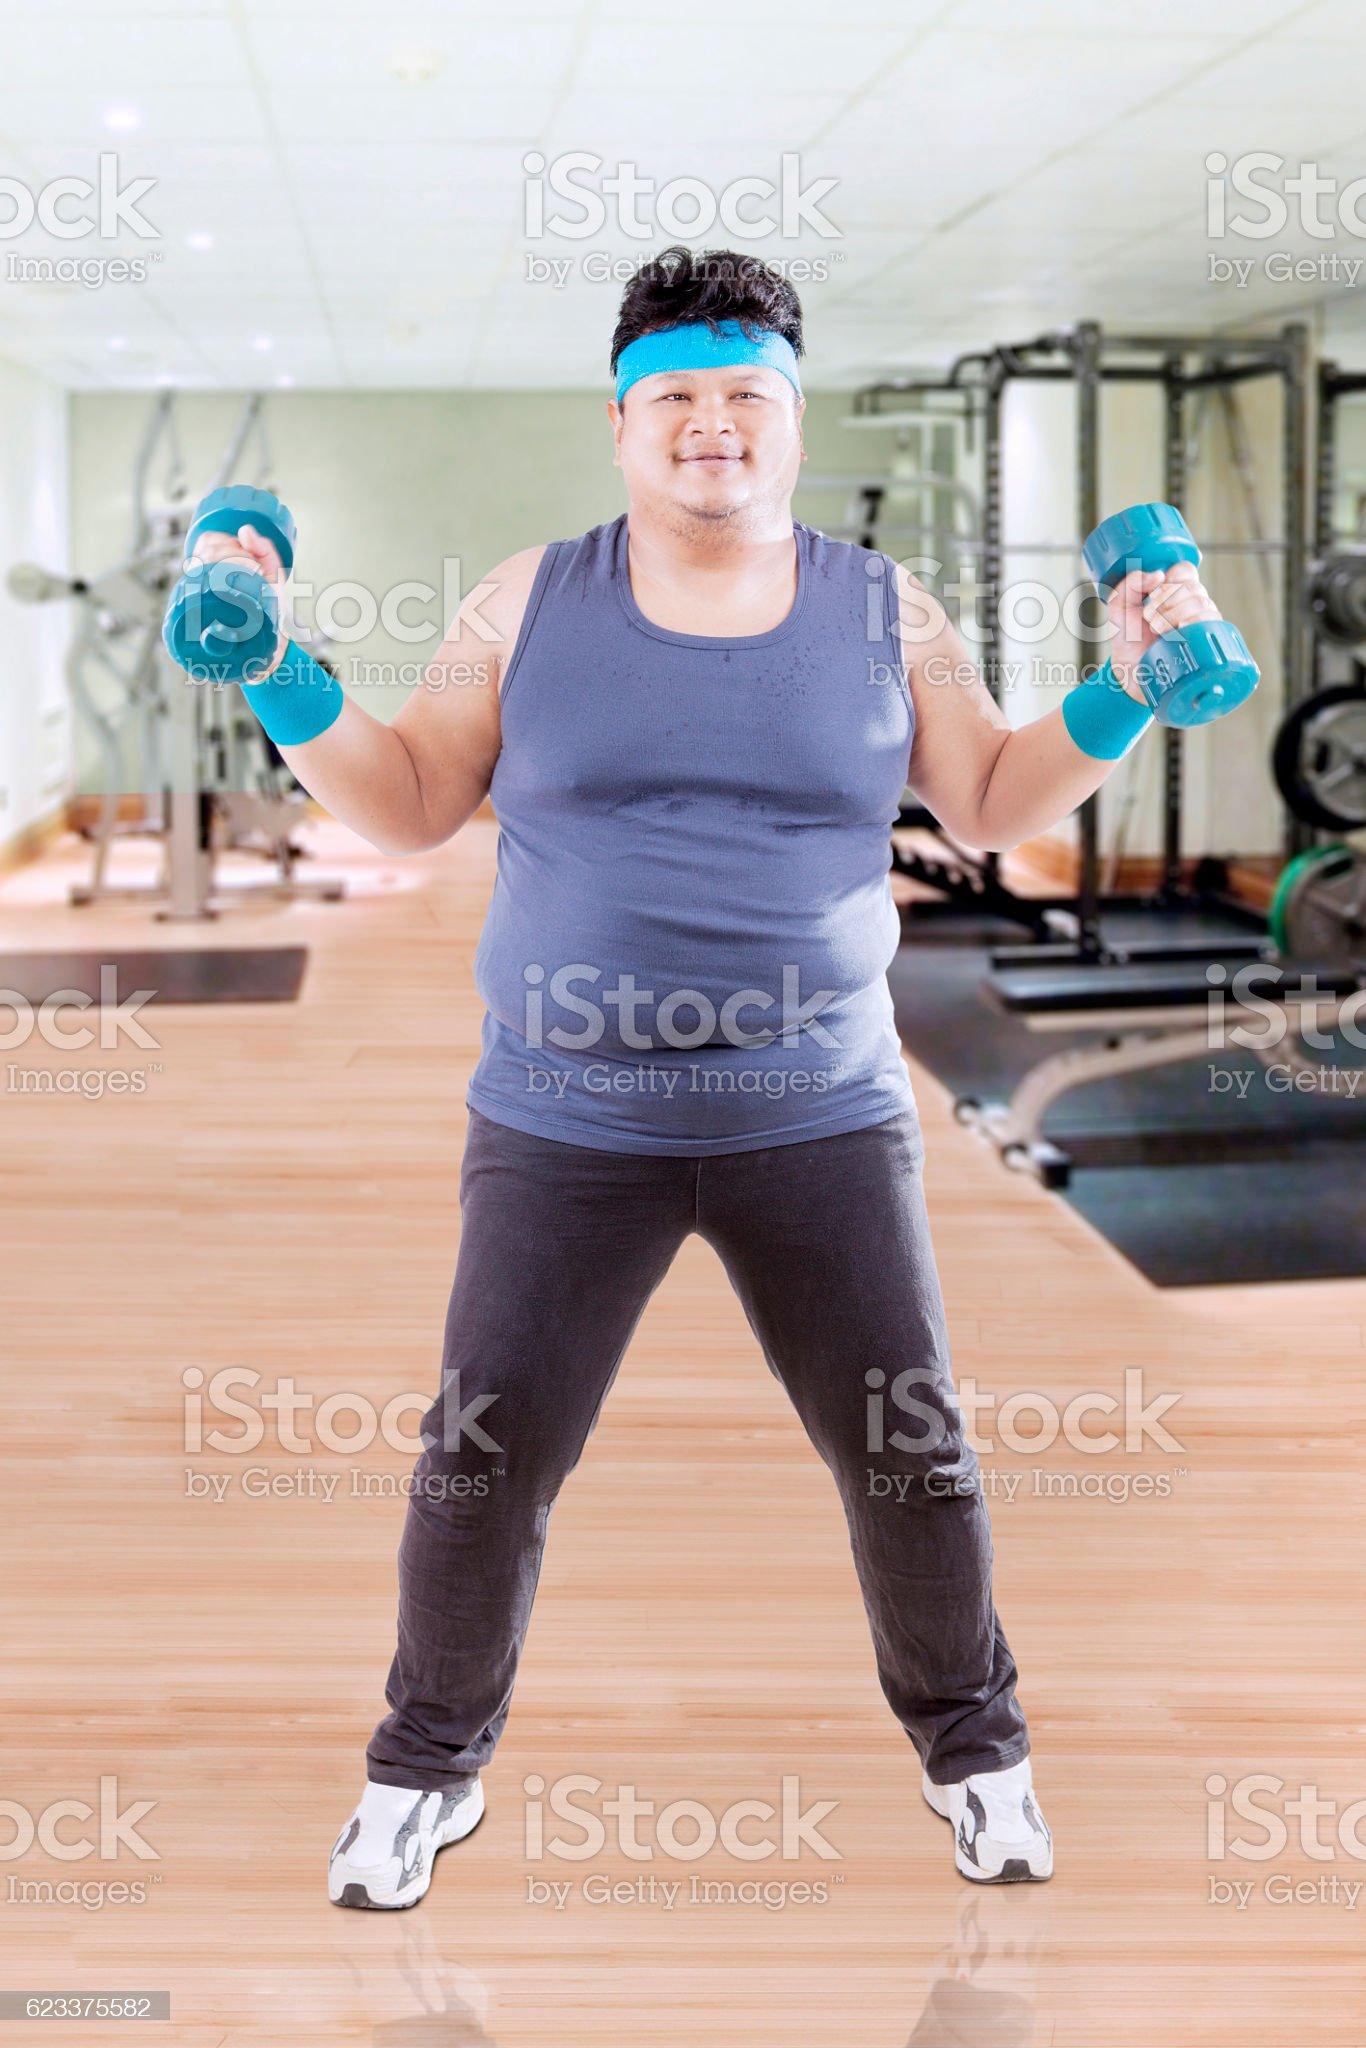 gitness center man)